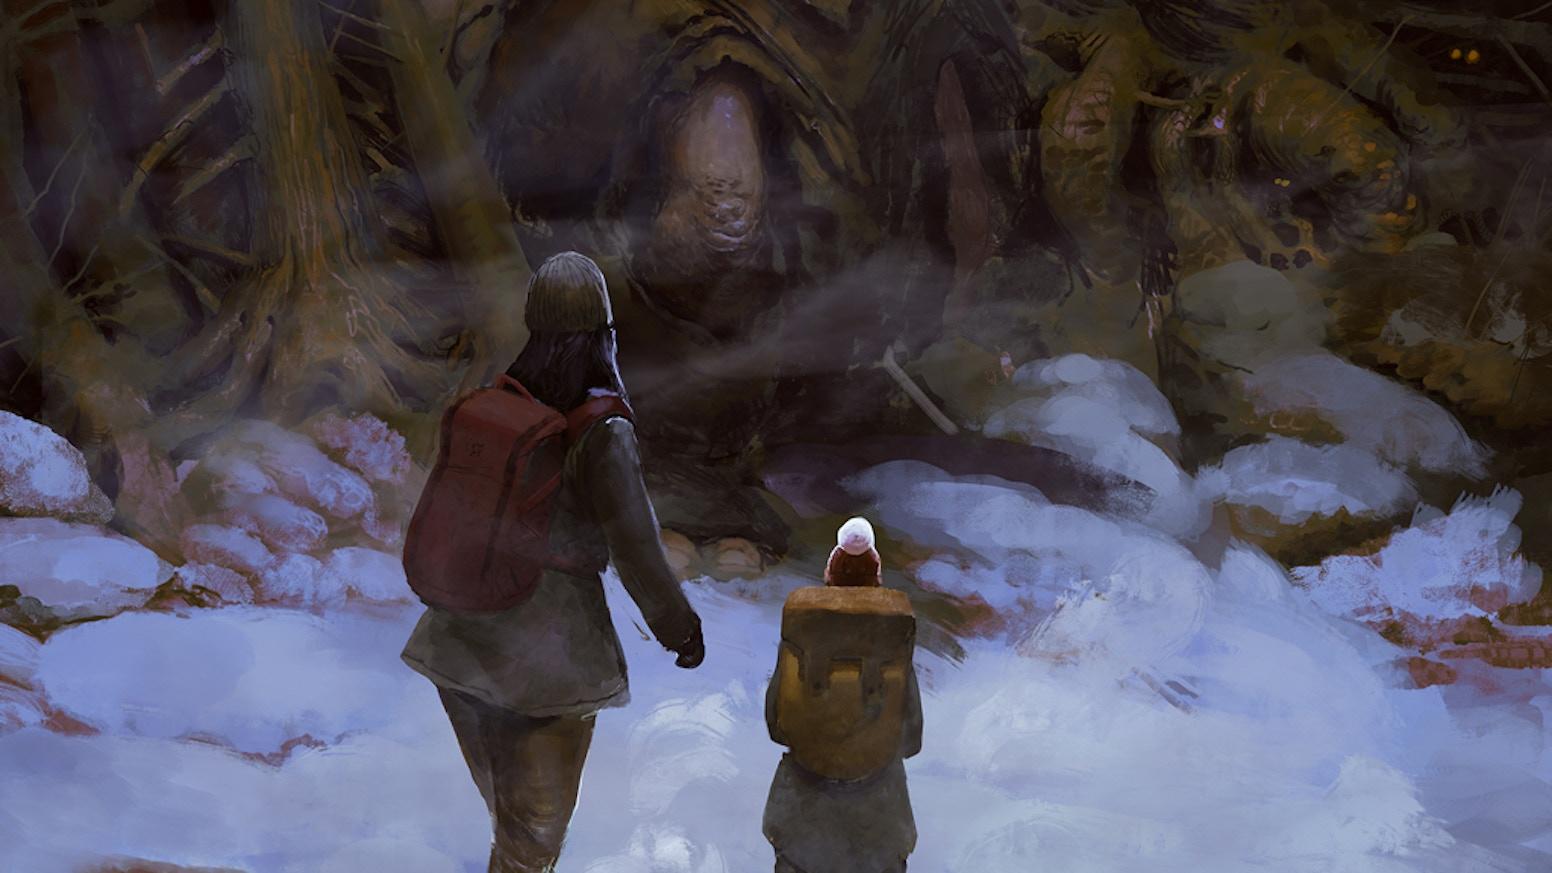 Ett relationsfokuserat skräckrollspel i ett nutida Sverige där väsen från nordisk folktro döljer sig i mörkret.